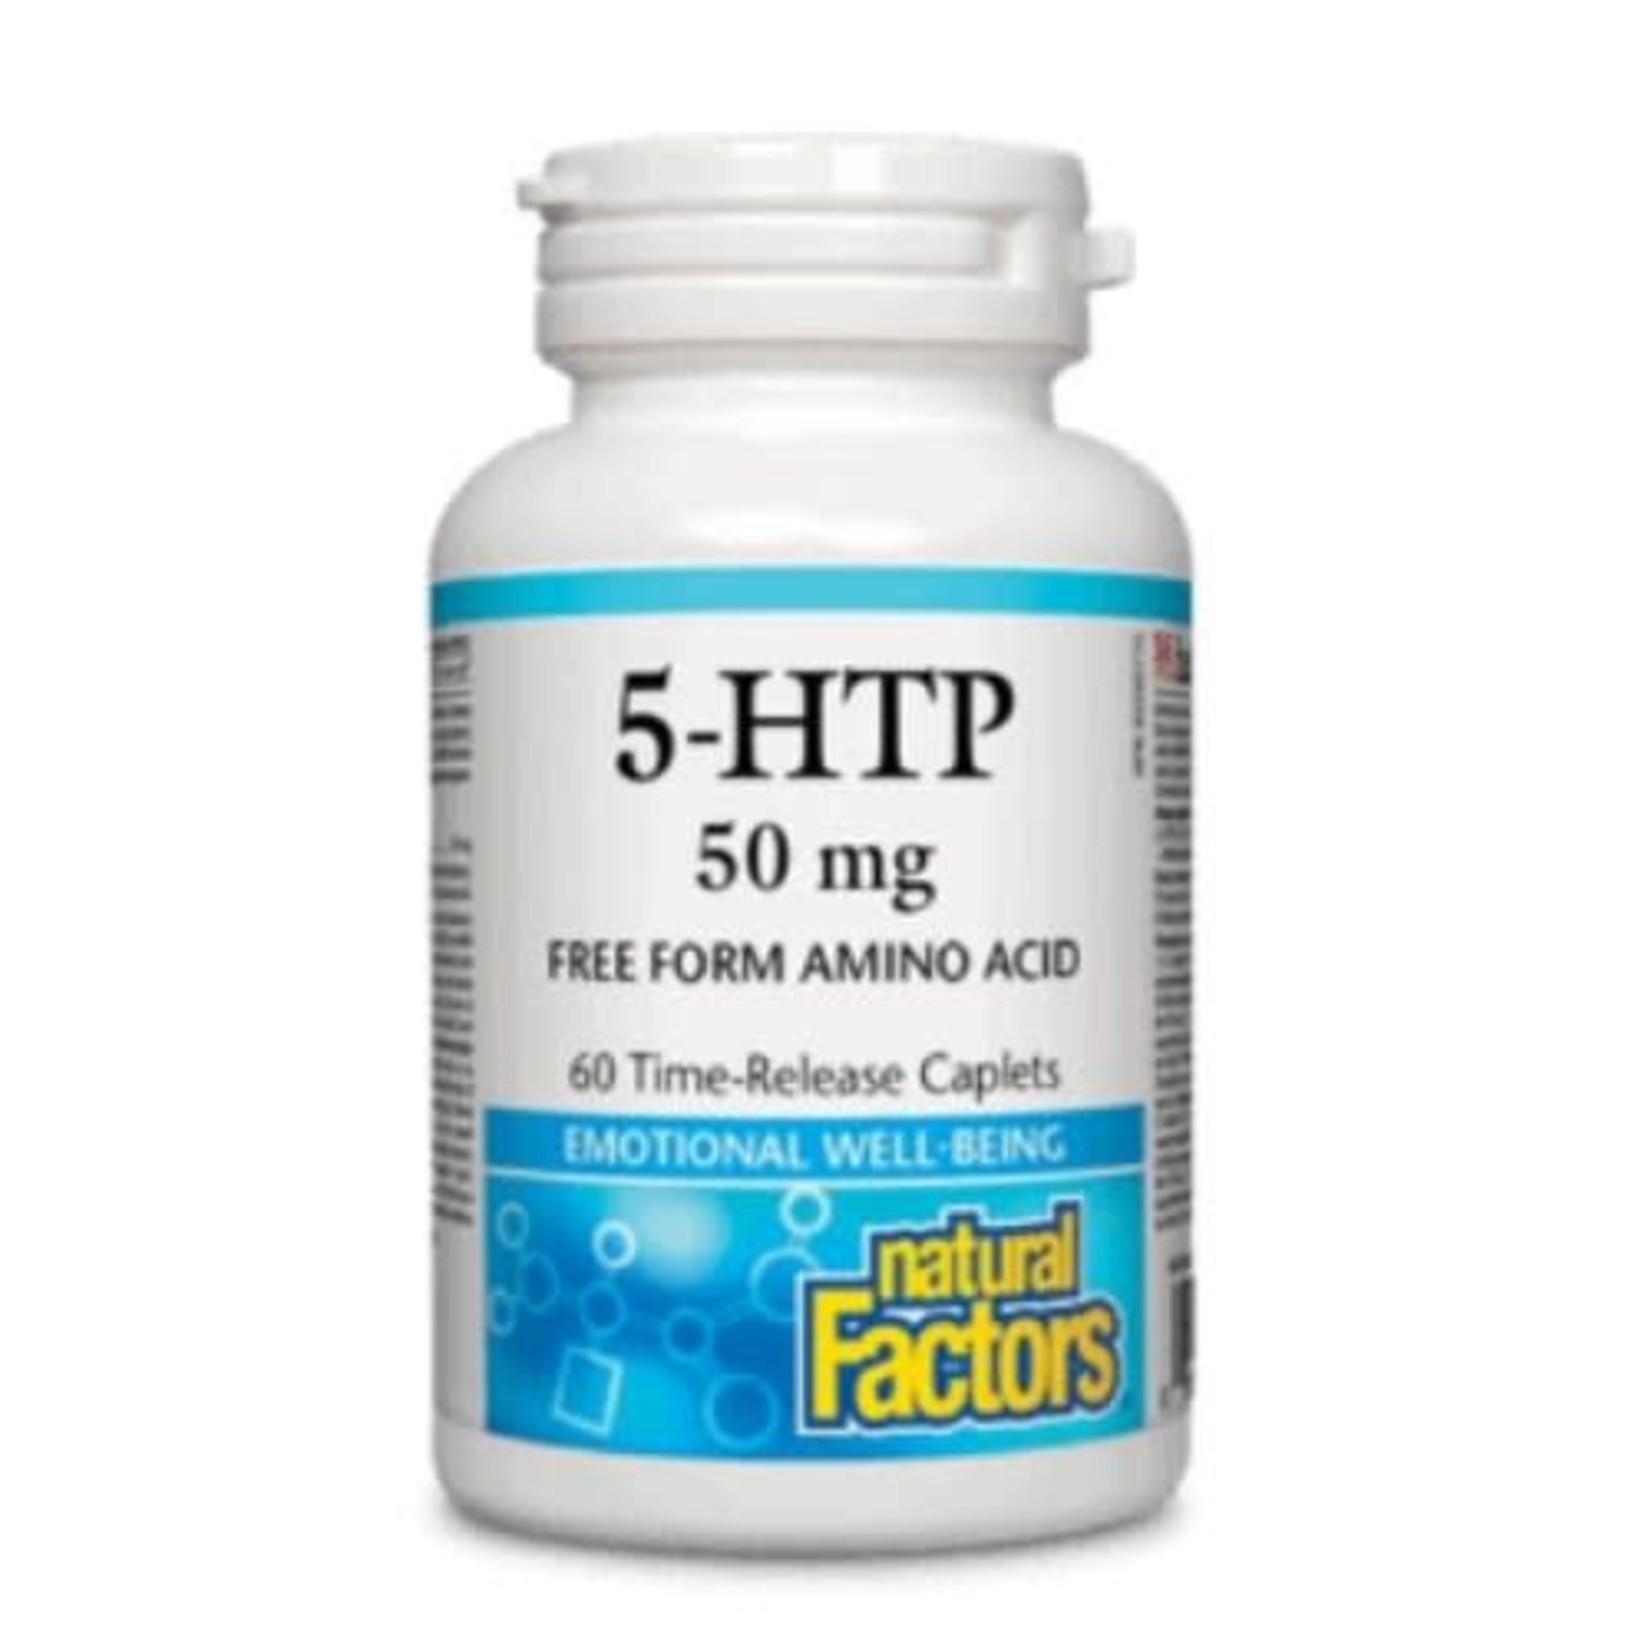 Natural Factors Natural Factors 5-HTP 50mg 60 caps